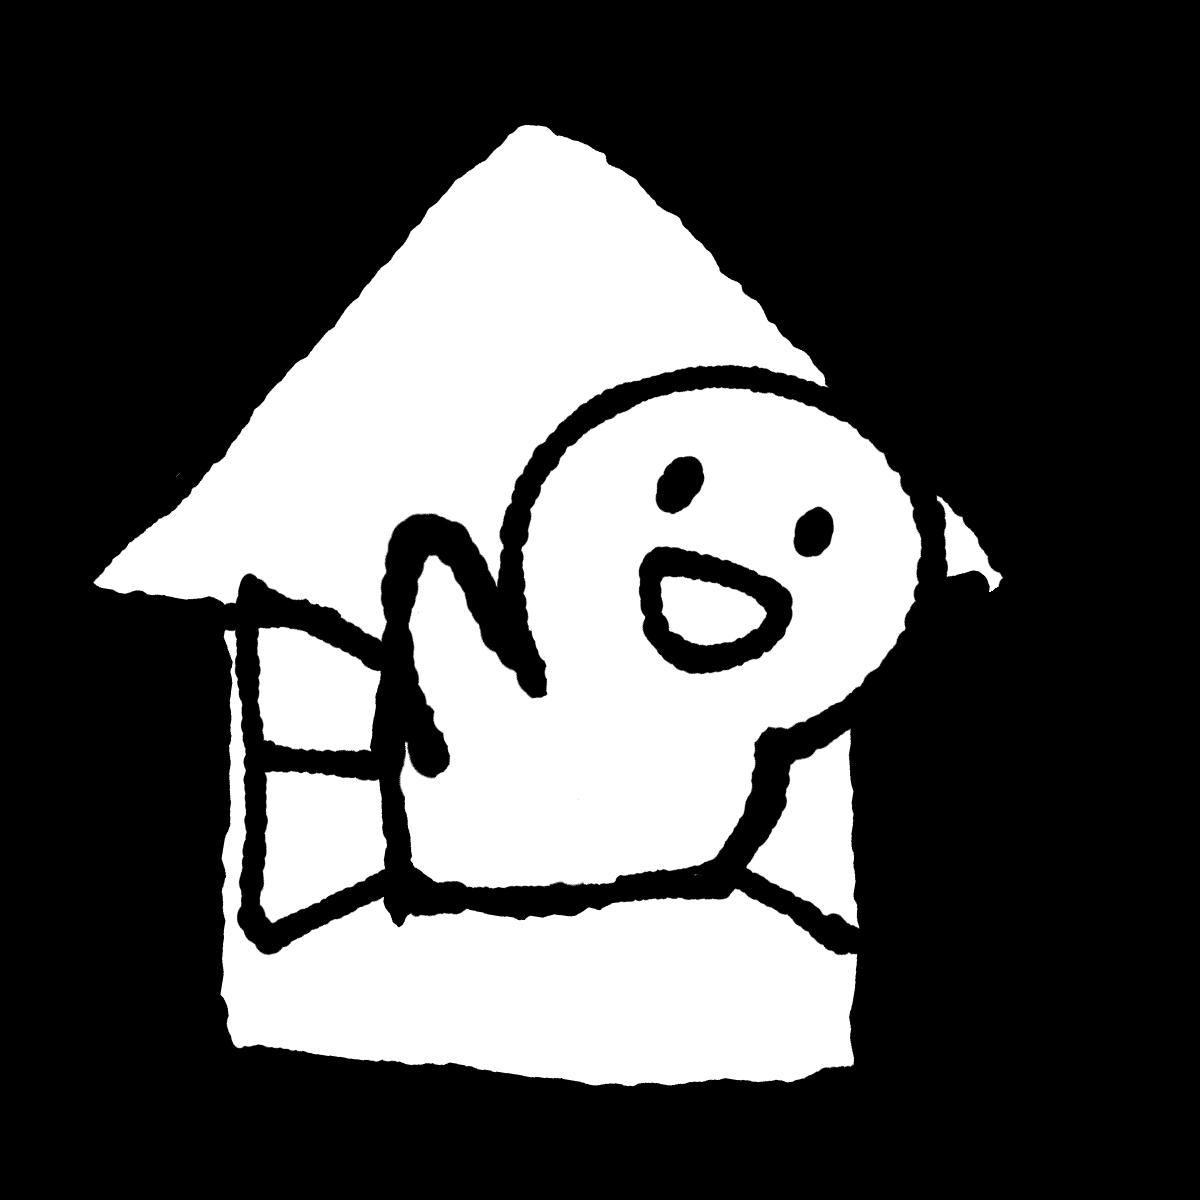 家から顔を出すのイラスト / Come out of the house Illustration